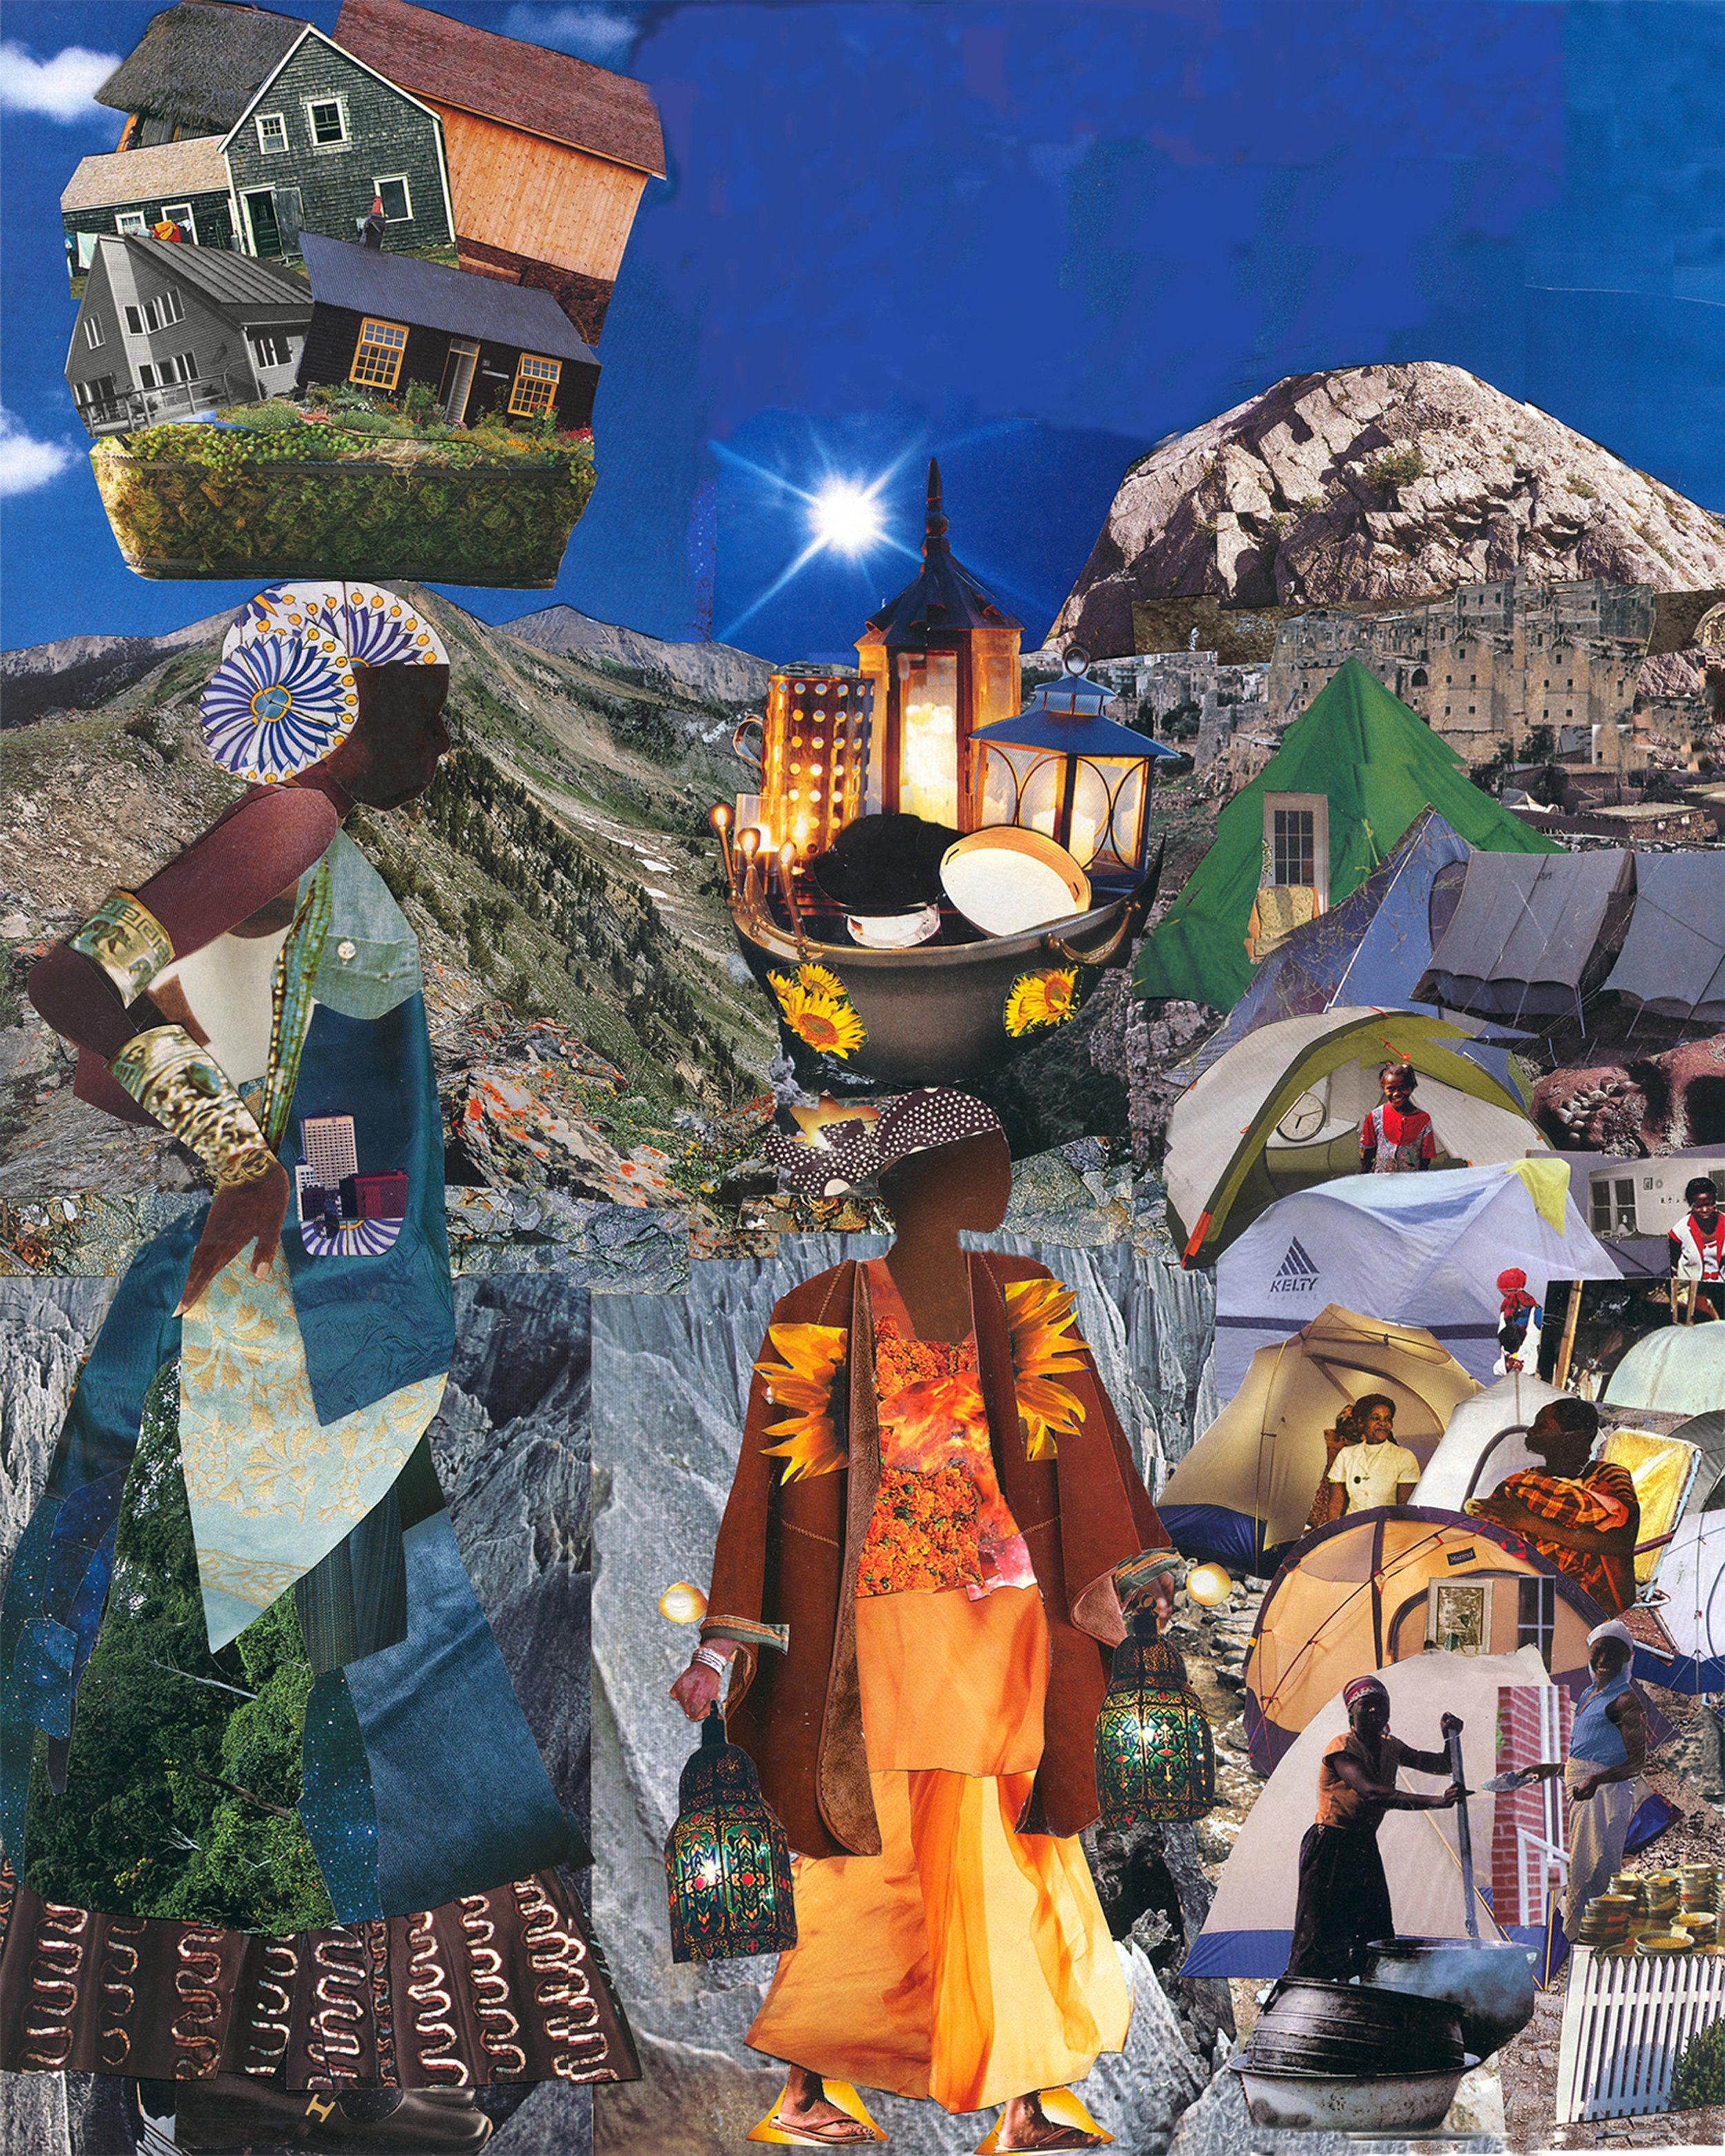 Tent City,  Mirlande Jean-Gilles   Nonfiction: Imiryango, Gabrielle Spear